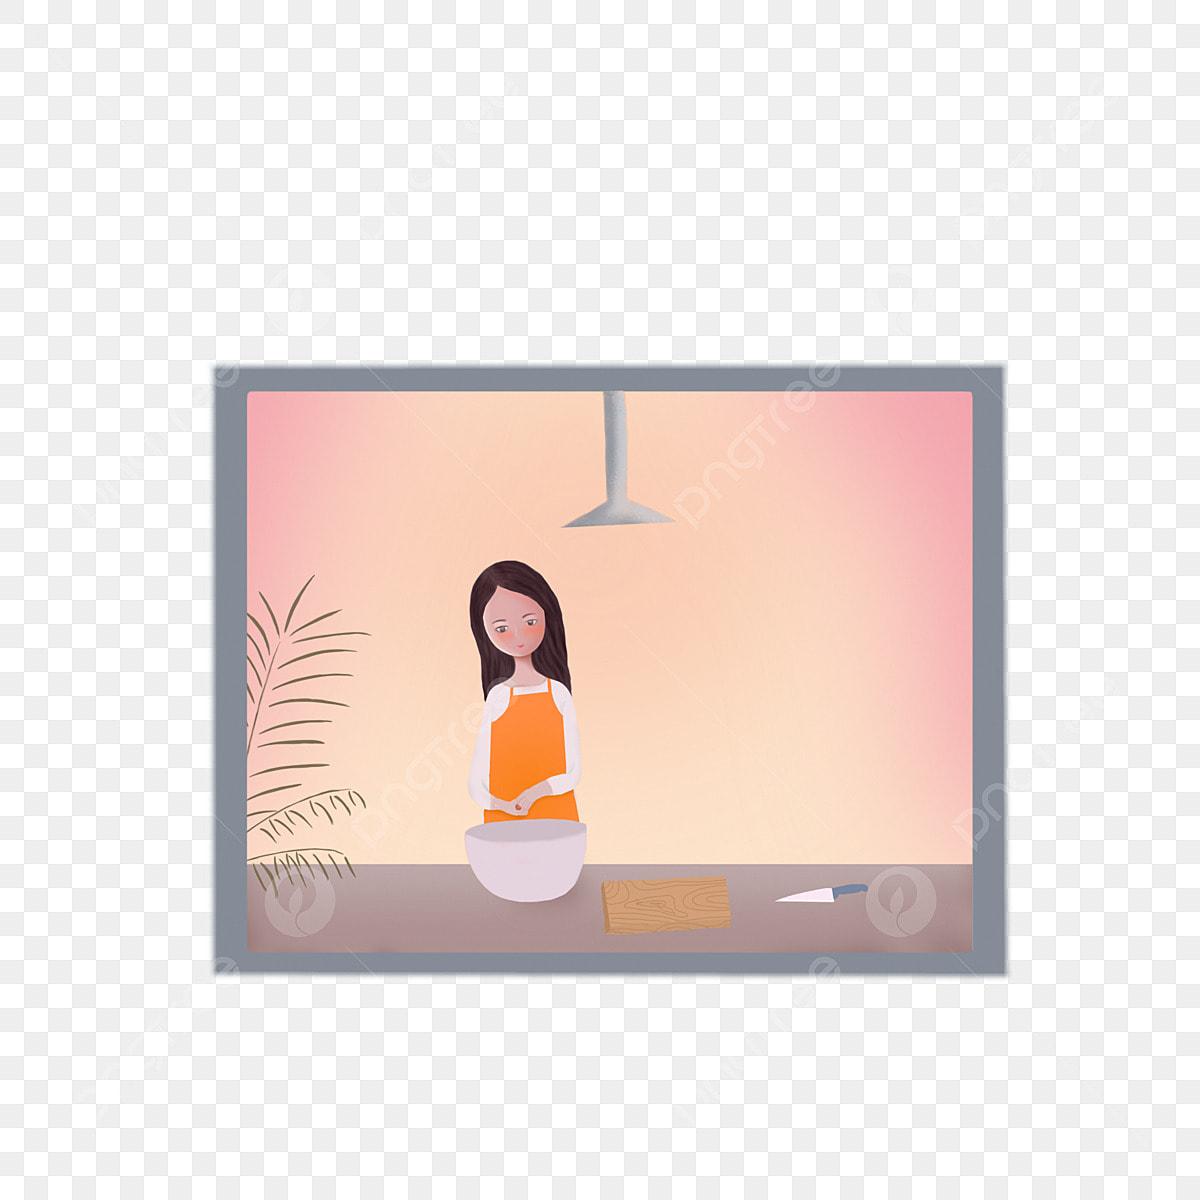 Gambar Reka Bentuk Unsur Untuk Ibu Memasak Di Tingkap Dapur Tetingkap Memasak Png Dan Clipart Untuk Muat Turun Percuma